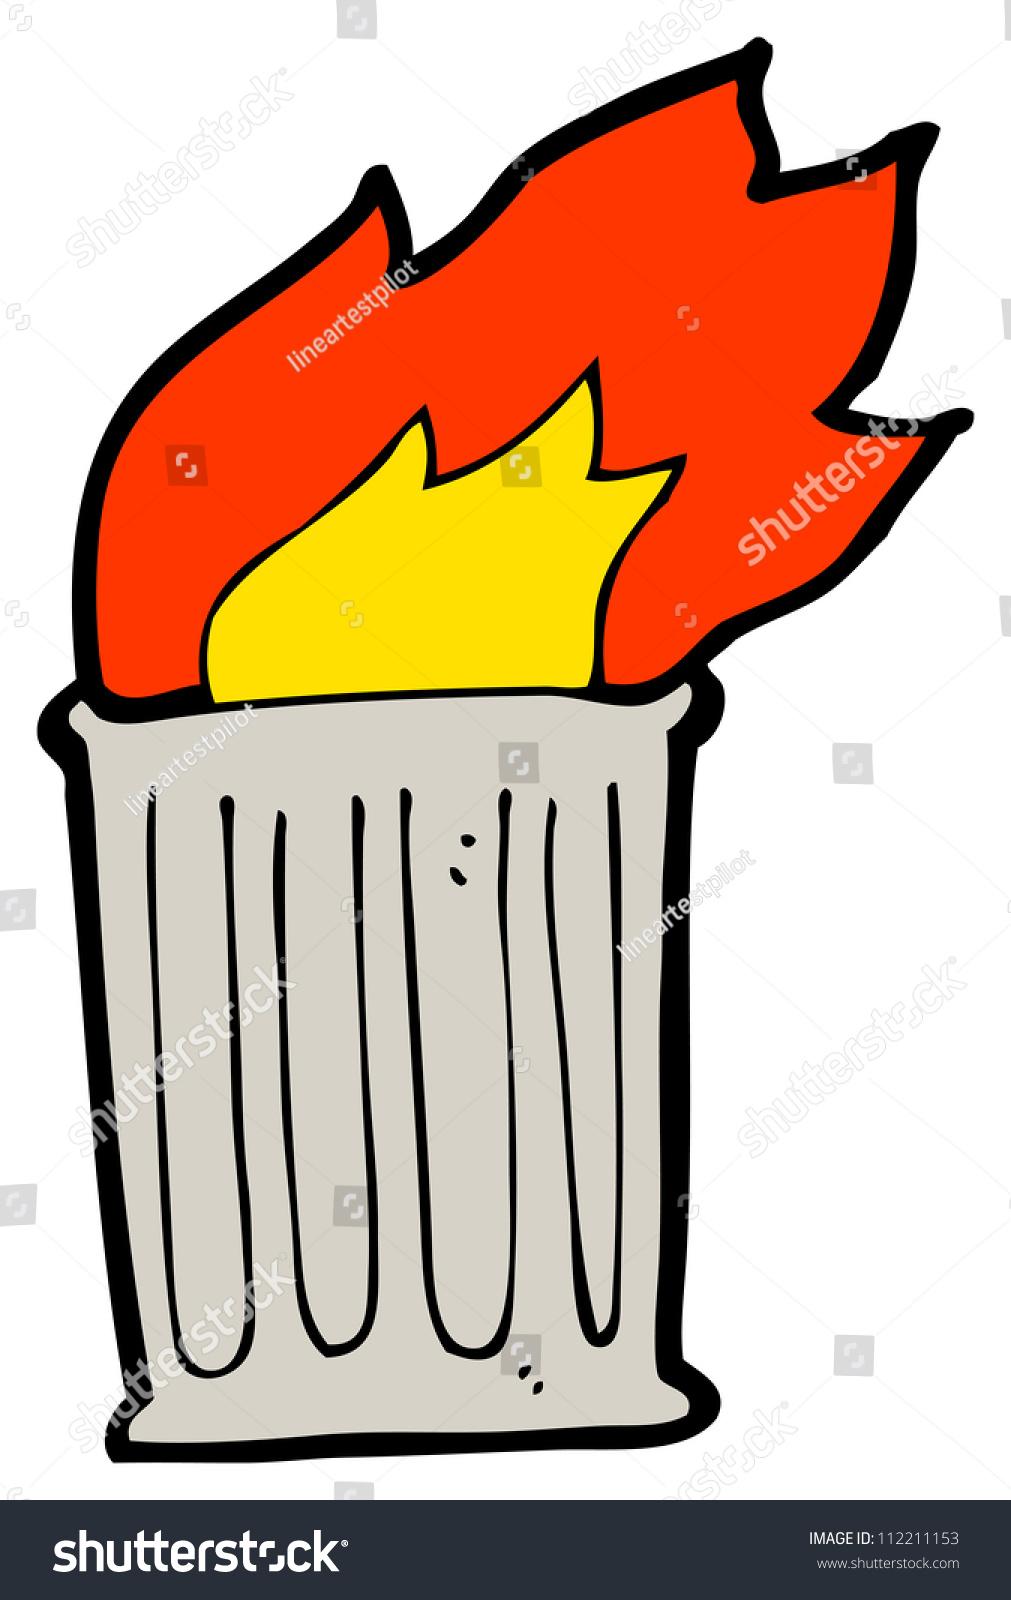 clipart burning house - photo #42